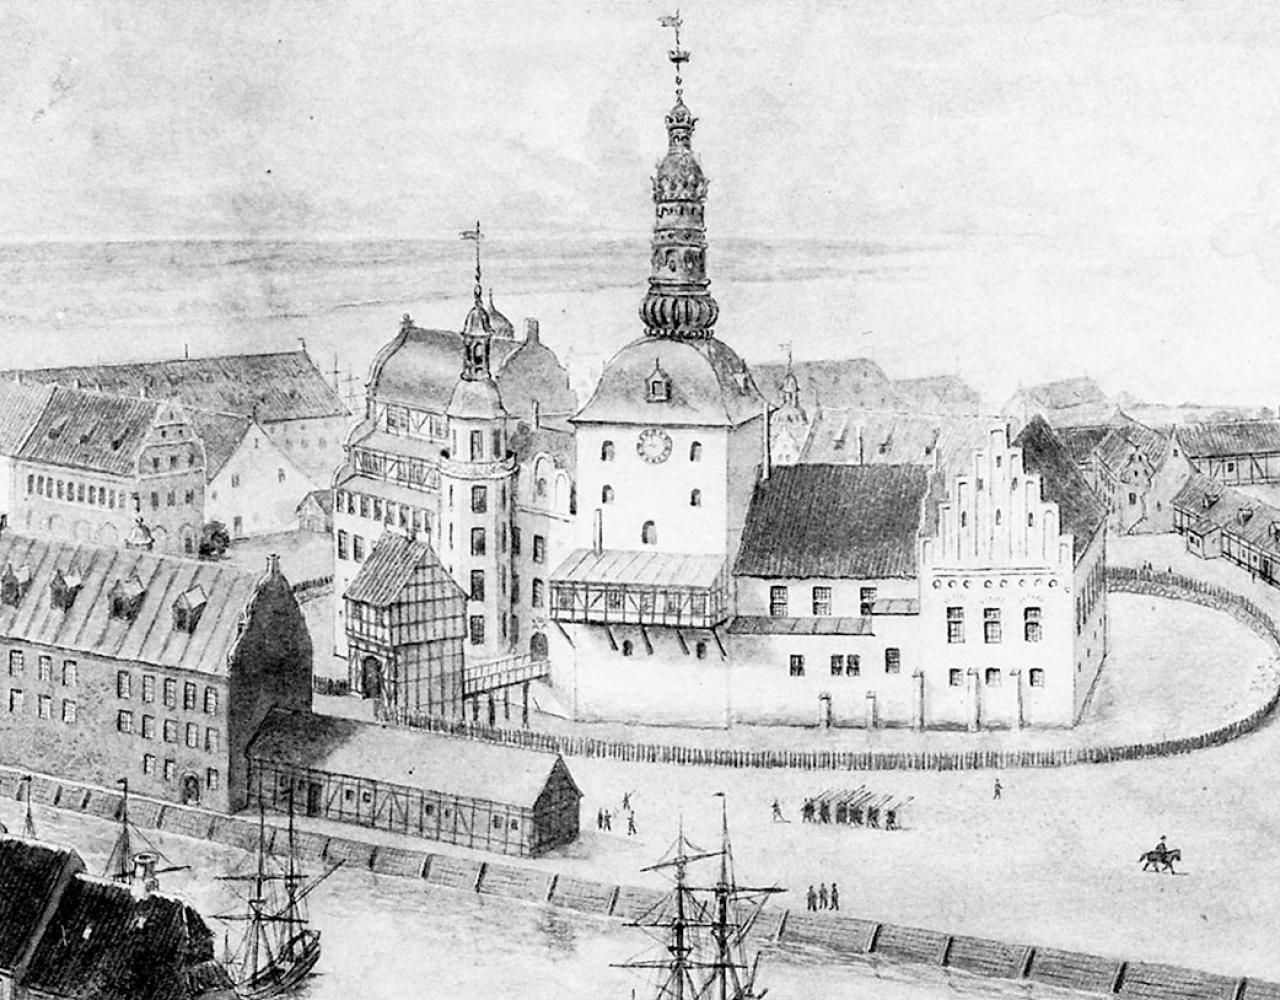 Københavns Slot 1680 landscape